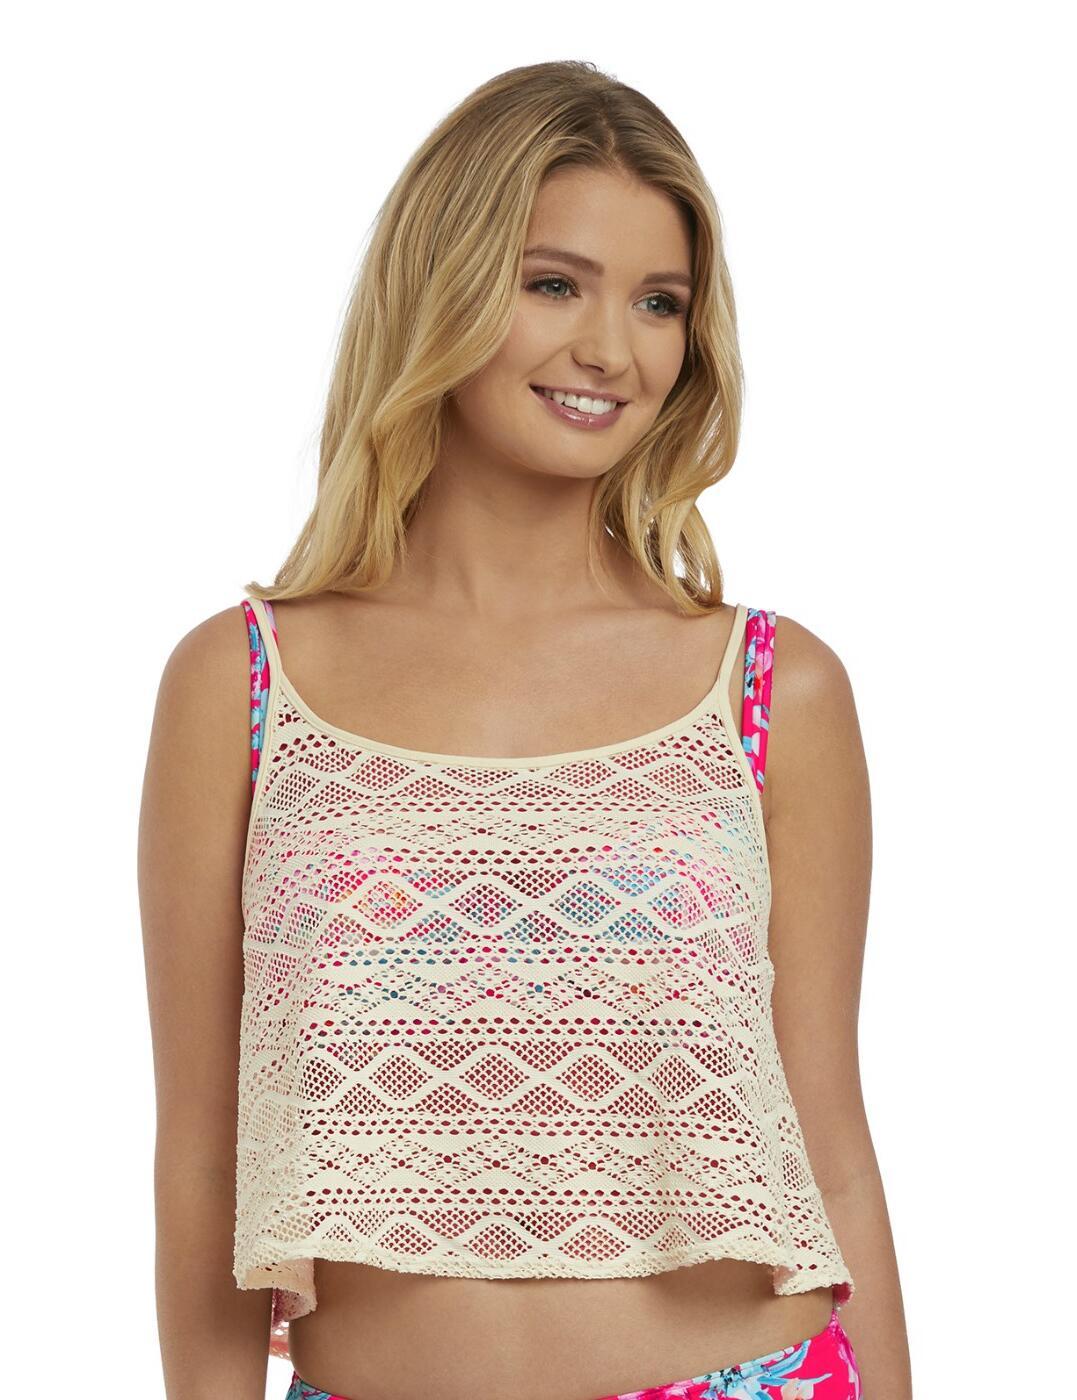 2888 Freya Wild Sun Crochet Top - 2888 Linen